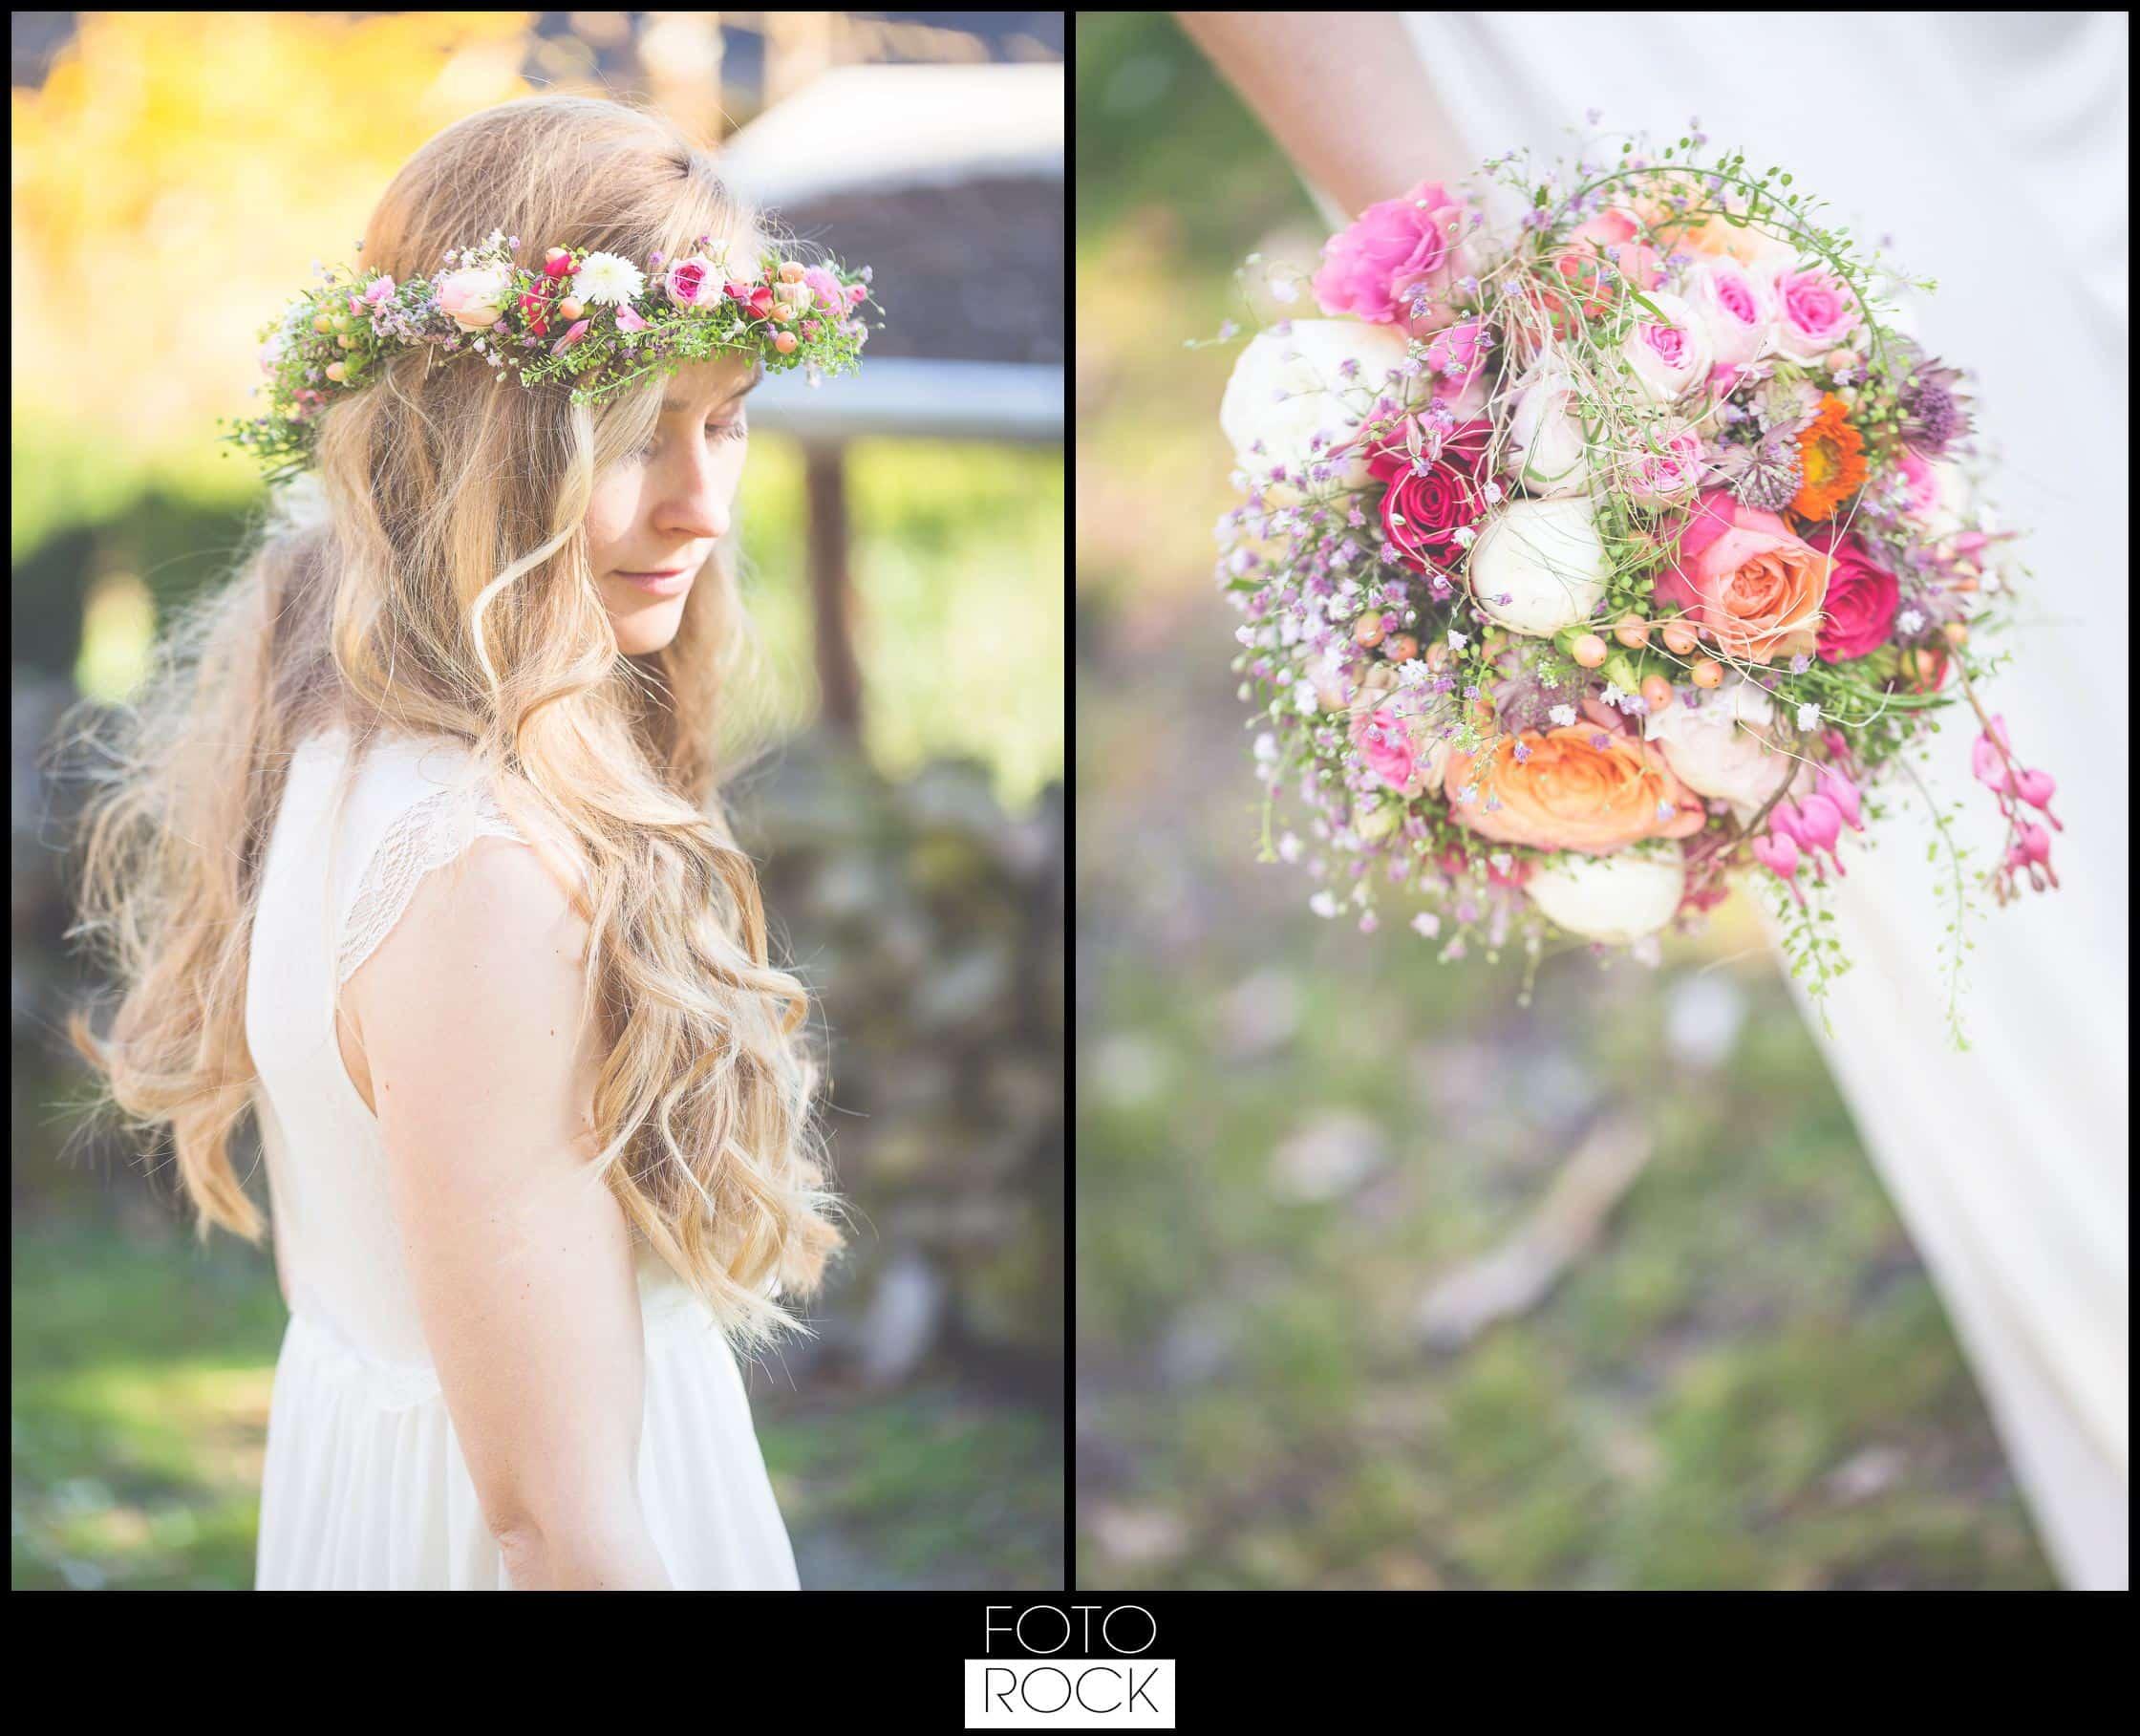 Bohemian Syled Shoot Hochzeit Klausenbauernhof Wolfach Braut Blumenkranz Brautstrauss Blumen